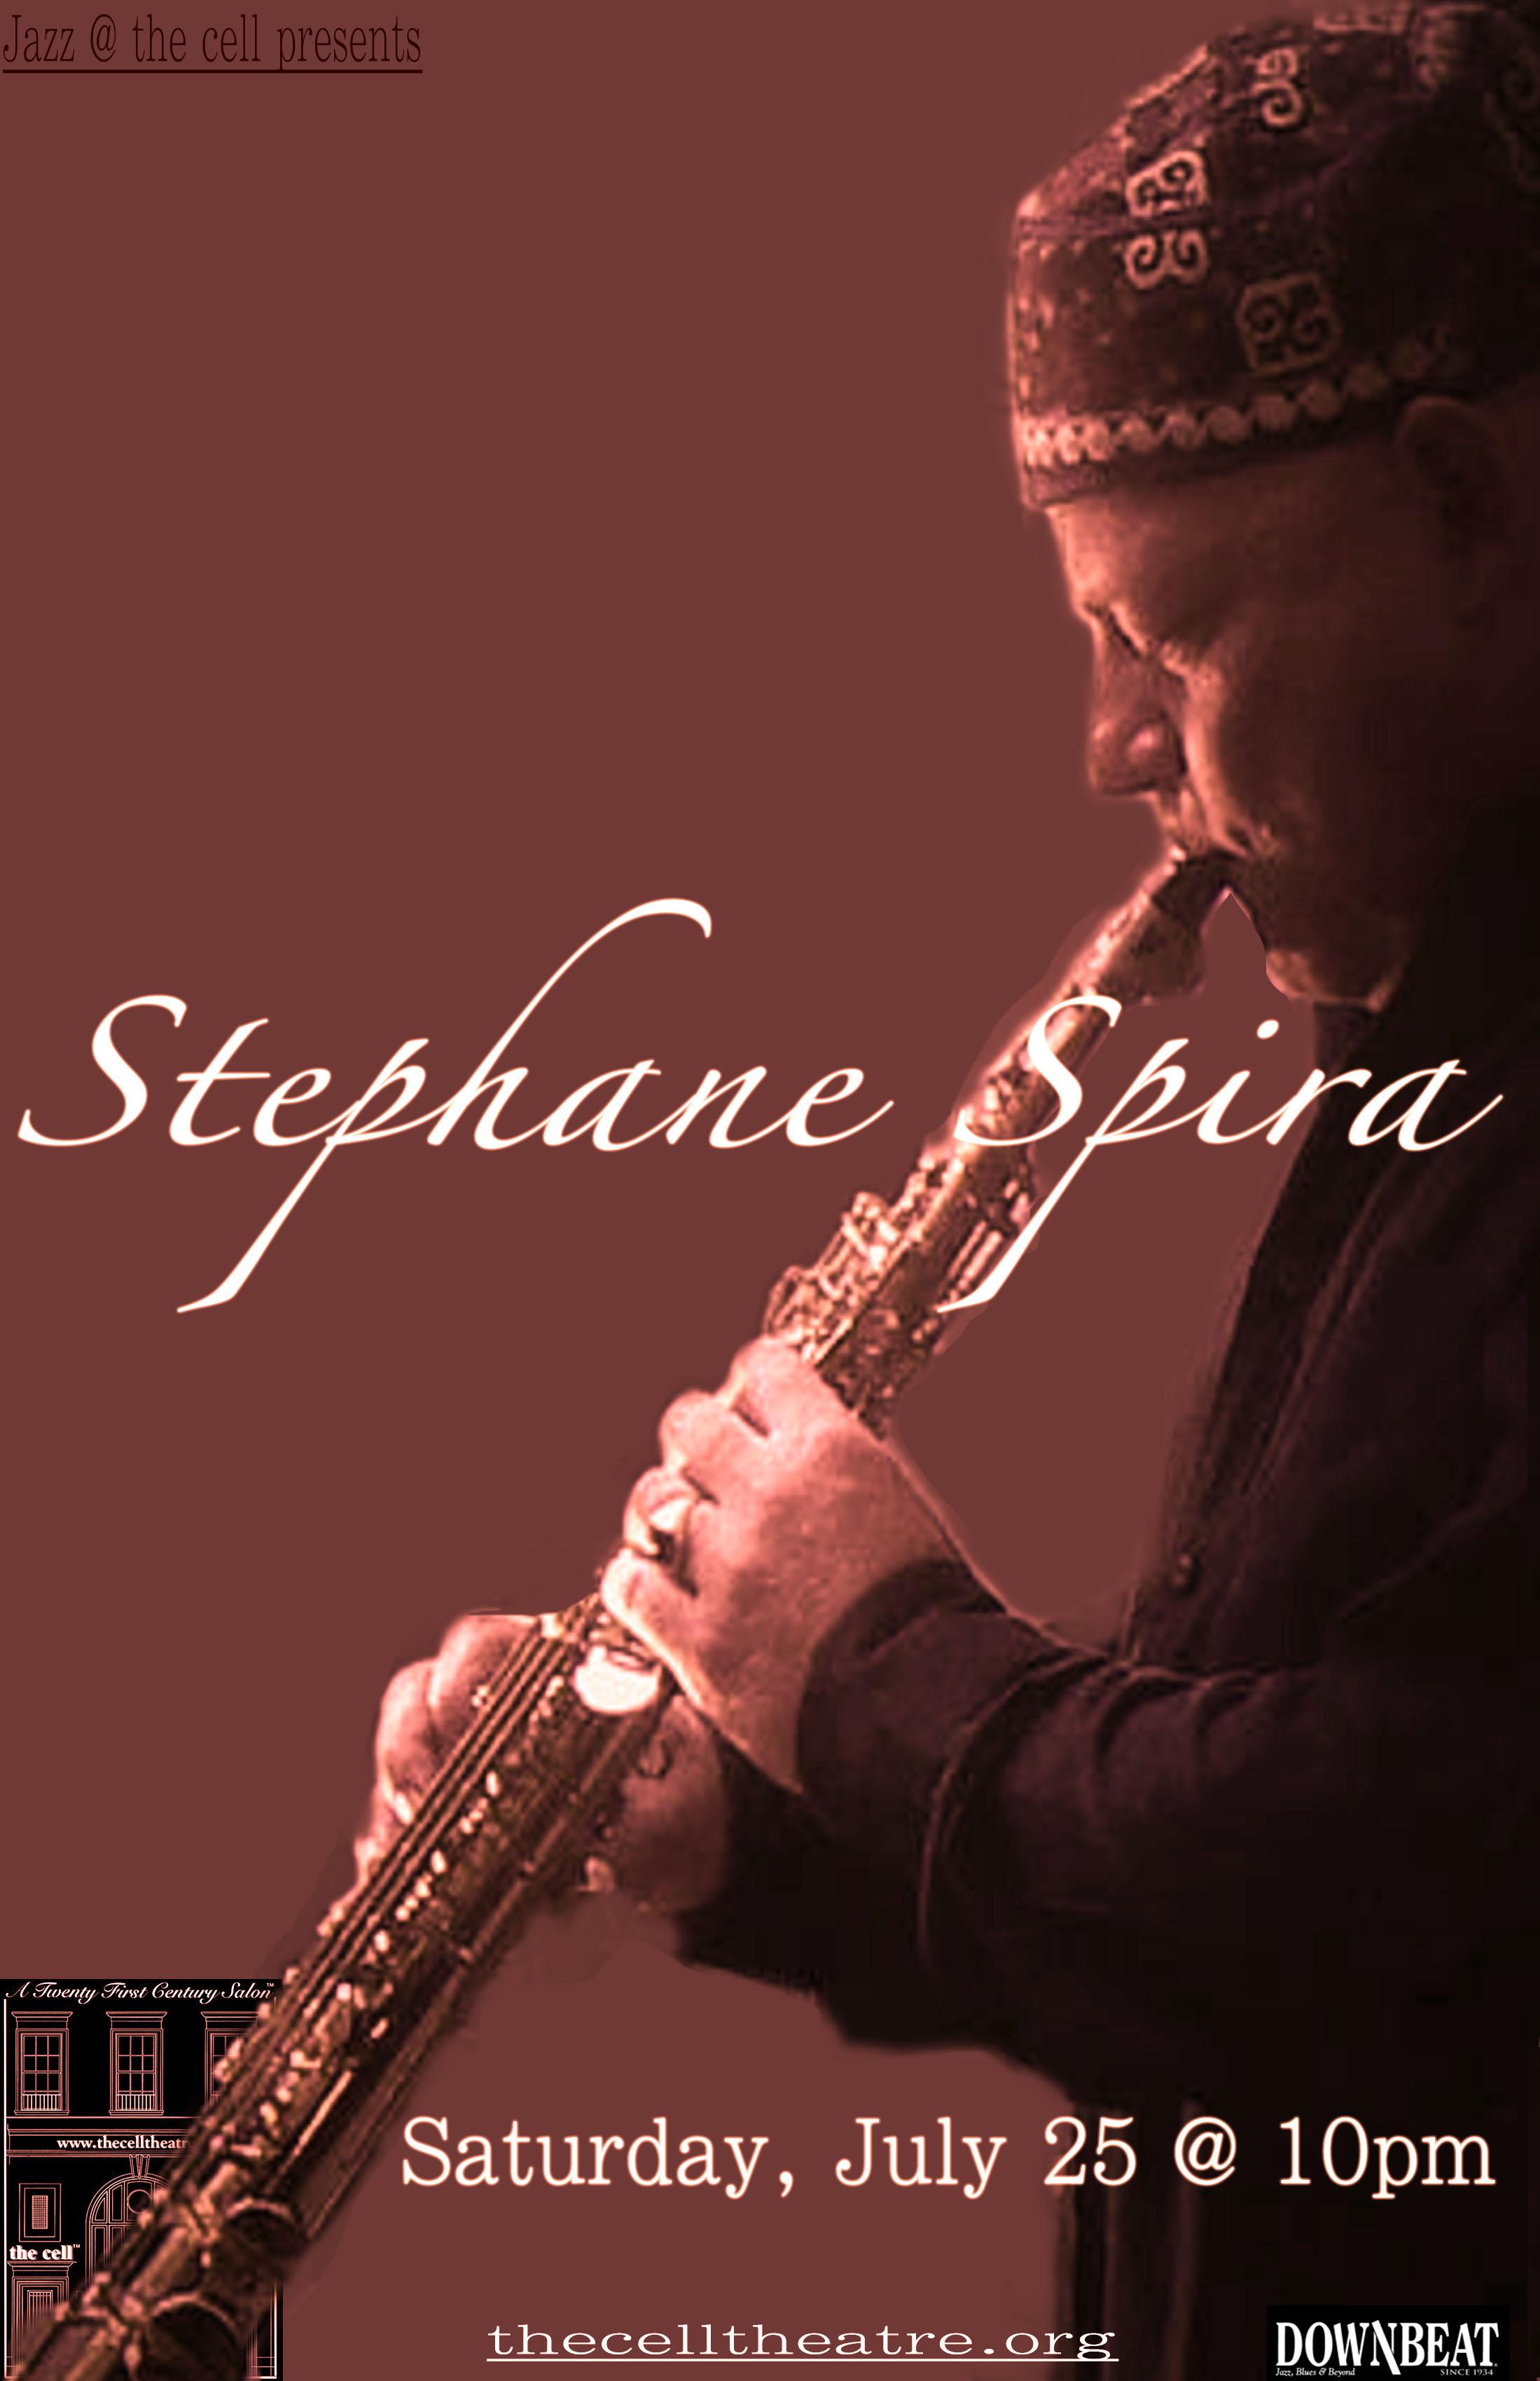 C'est le parcours atypique d'un homme, né en 1966, qui après avoir fait Maths Spé' et être passé brillamment par une école d'ingénieur, s'est retrouvé aux débuts des années 90 en Arabie Saoudite pour exercer avec tout le confort moderne ses talents d'électronicien expatrié. A son retour pourtant, il choisit de tout abandonner et de sauter dans le vide pour accomplir son destin : devenir à temps complet « musicien de jazz ».  Comment ? Ensuivant un parcours « à l'ancienne », en autodidacte forcené. En refusant l'école de jazz pour se risquer à l'école « du » jazz. L'école de la nuit et des rencontres imprévues, de la tradition orale, des boeufs « after hours », des initiations amicales avec des musiciens forcément plus forts que lui.  Pourquoi ? Parce qu'à 18ans, il avait vécu le choc d'écouter Miles dernière époque. Du coup, il s'engage avec avidité et détermination dans la découverte à rebours de toute l'histoire de cette musique.  En 1996 il crée son premier quartet avec le guitariste Jean-Luc Roumier. Avec le saxophone, la composition devient dès lors sa deuxième passion, celle qui lui permet de conjuguer en toute liberté, sa verve mélodique avec sa science poétique de l'harmonie. A cette date il multiplie les relations. Il y a eu d'abord Bernard Rabaud qui l'a repéré lors d'un boeuf au Petit Op' à la glorieuse époque des « Nuits blanches ». Il enregistre en 2006 un premier disque sous son nom : « First Page » (Bee Jazz) avec Olivier Hutman, Philippe Soirat et Gilles Naturel. En 2009, sort « SpiraBassi » en duo avec Giovanni Mirabassi.  A partir de janvier 2010, Stéphane s'installe à New York, il revient régulièrement à Paris, et notamment pour enregistrer « Round about Jobim » avec Lionel Belmondo et sa formation « l'Hymne au soleil » qui sortira en avril 2012.  2014 marque la parution de l'album « In Between » dont la musique (et le titre) reflètent 3 ans de va et viens entre Paris et New York. Ce disque est également le premier enregistrement new yorkais de St